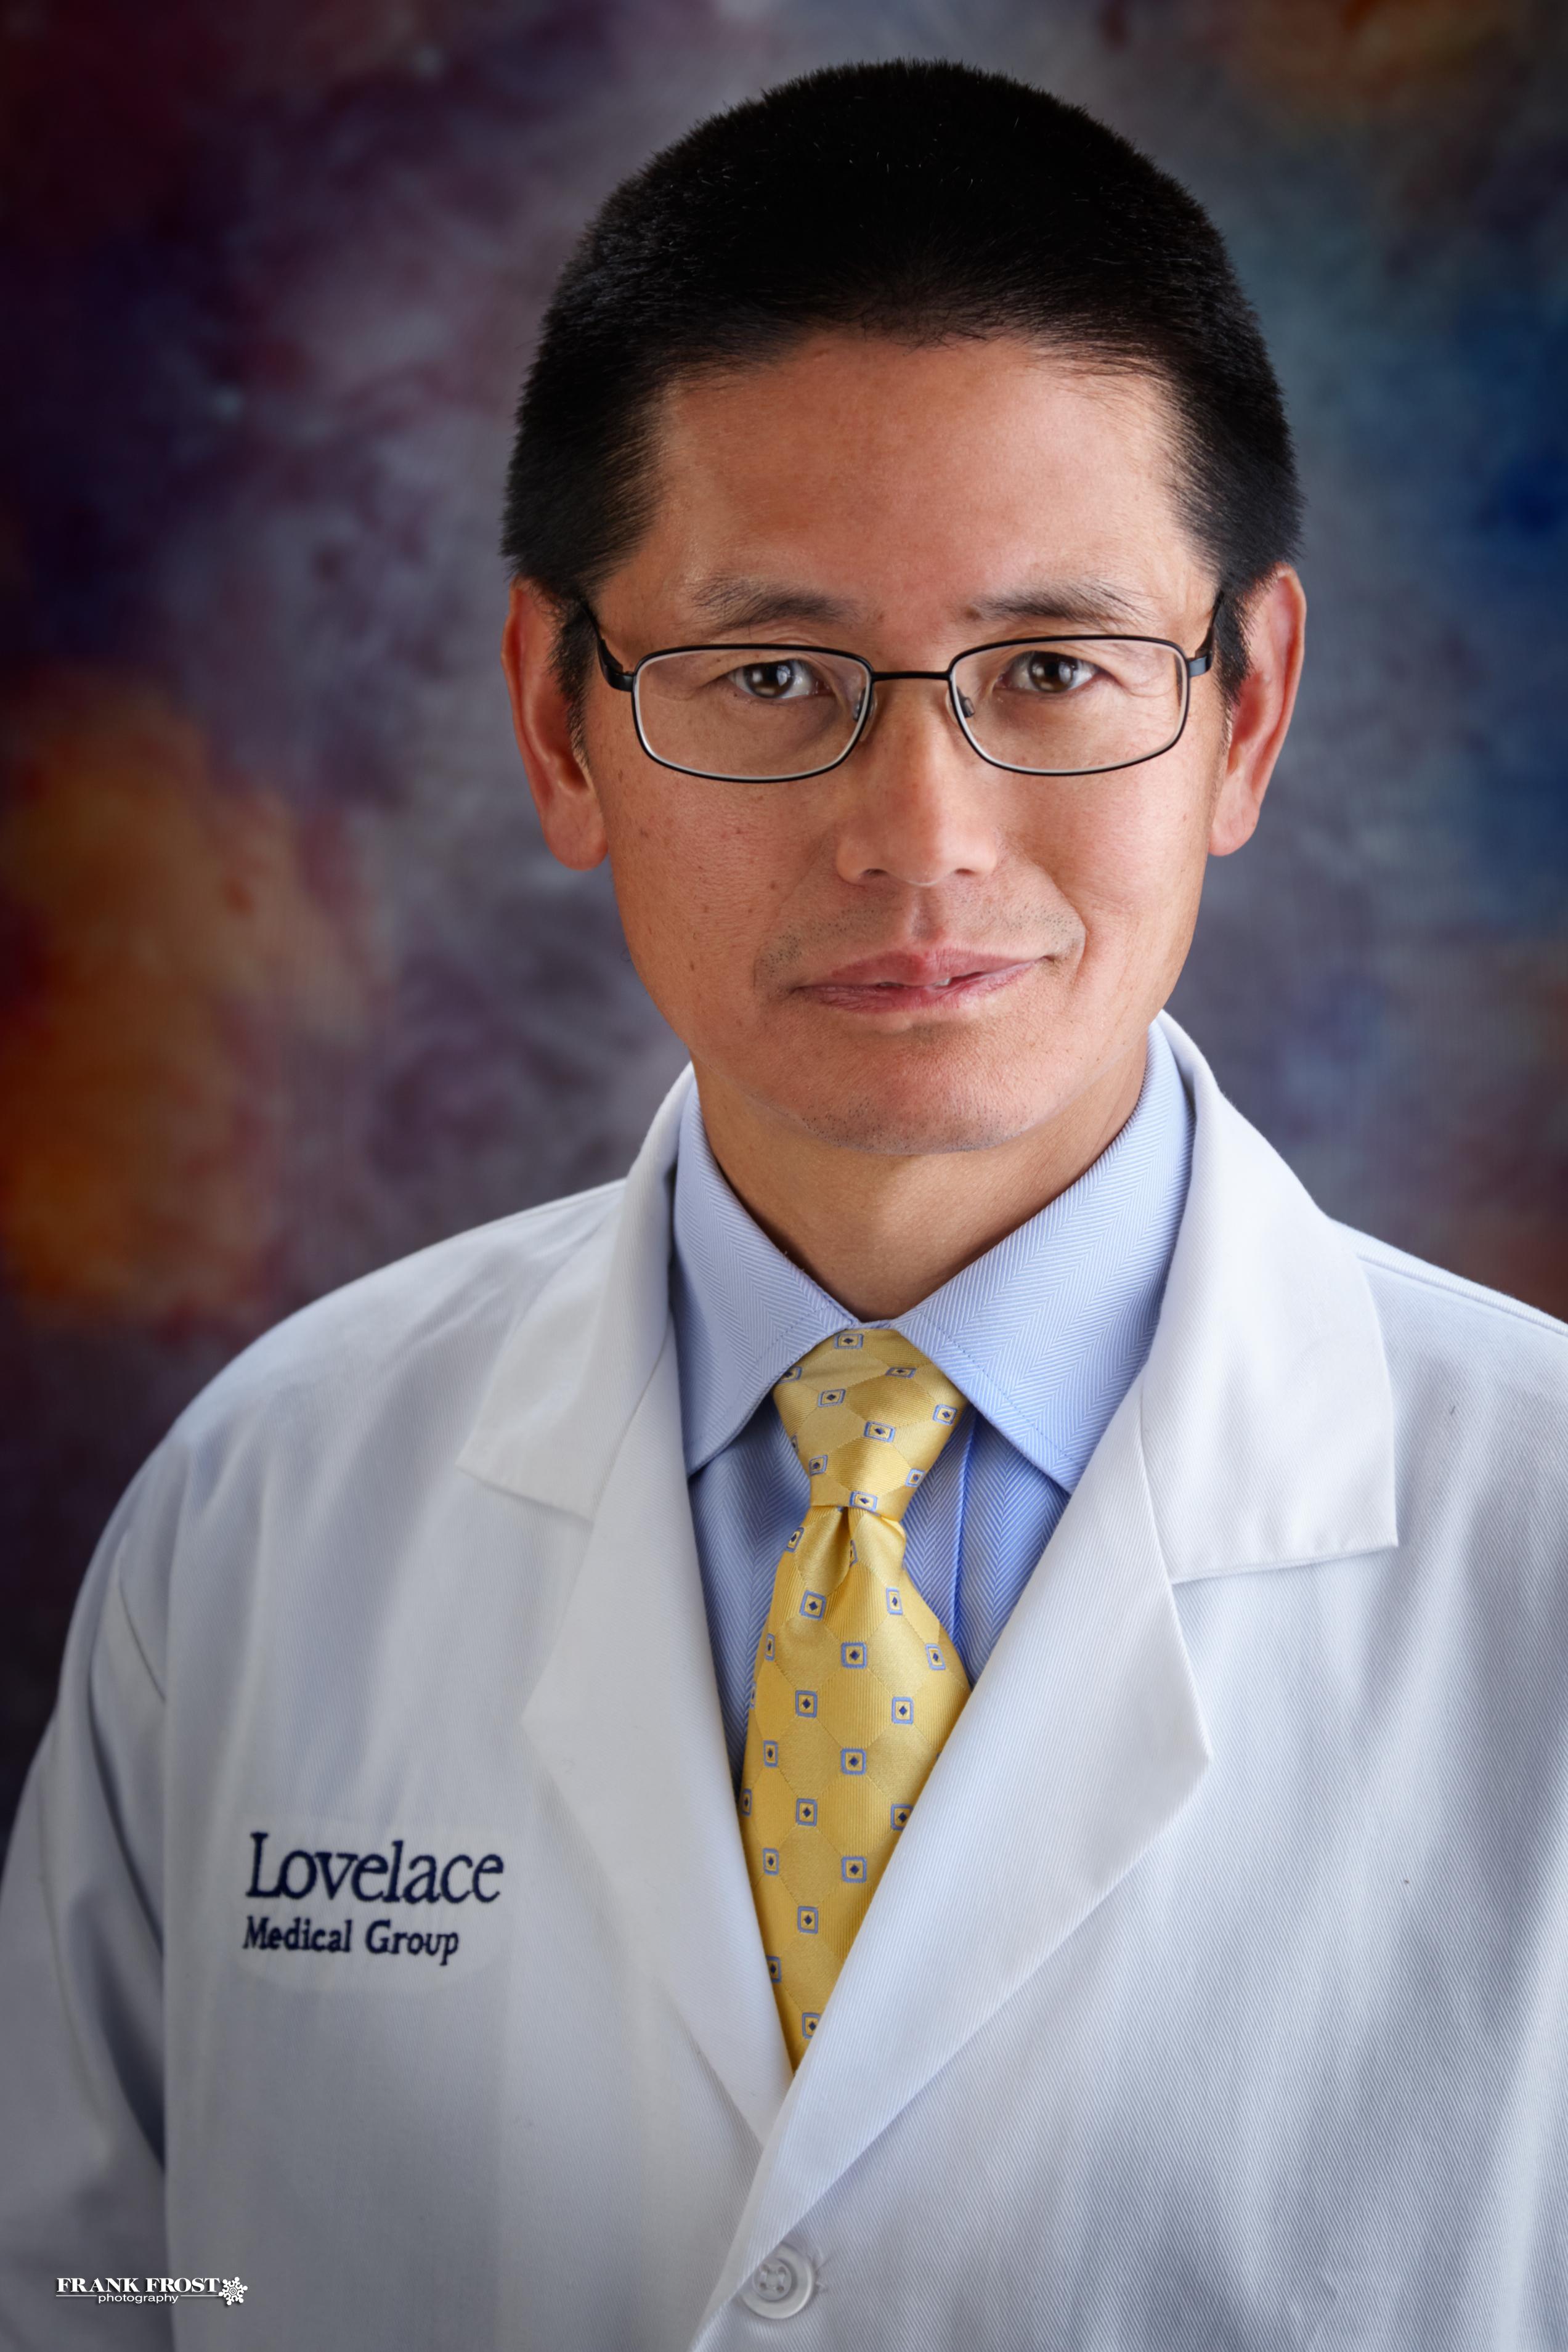 Yubao Wang, M.D. Ph.D.